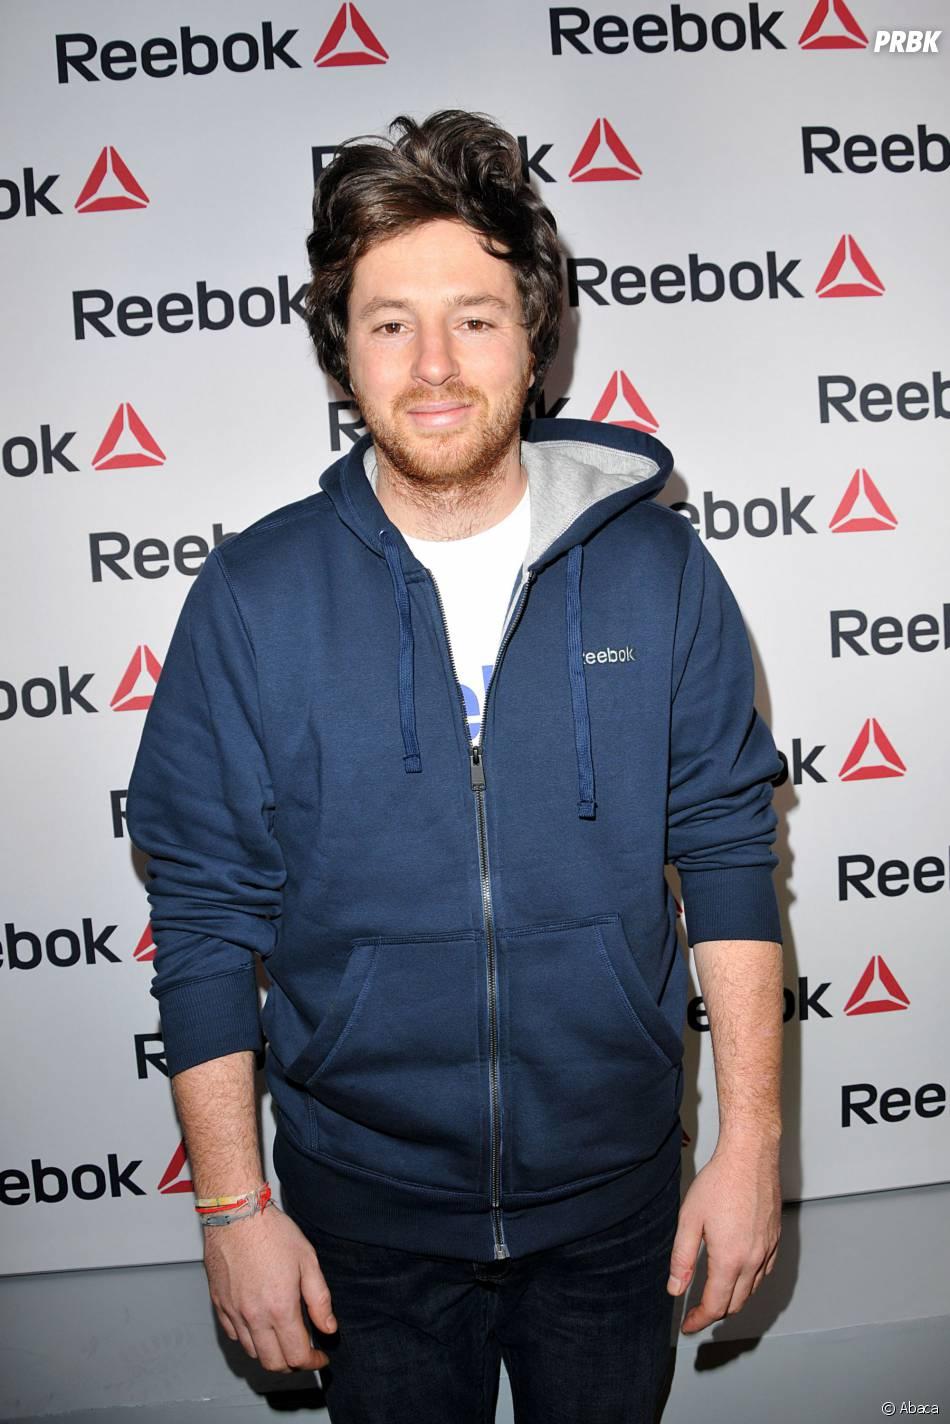 Jean Imbert à l'ouverture du concept store Reebok à Paris, le 4 décembre 2013